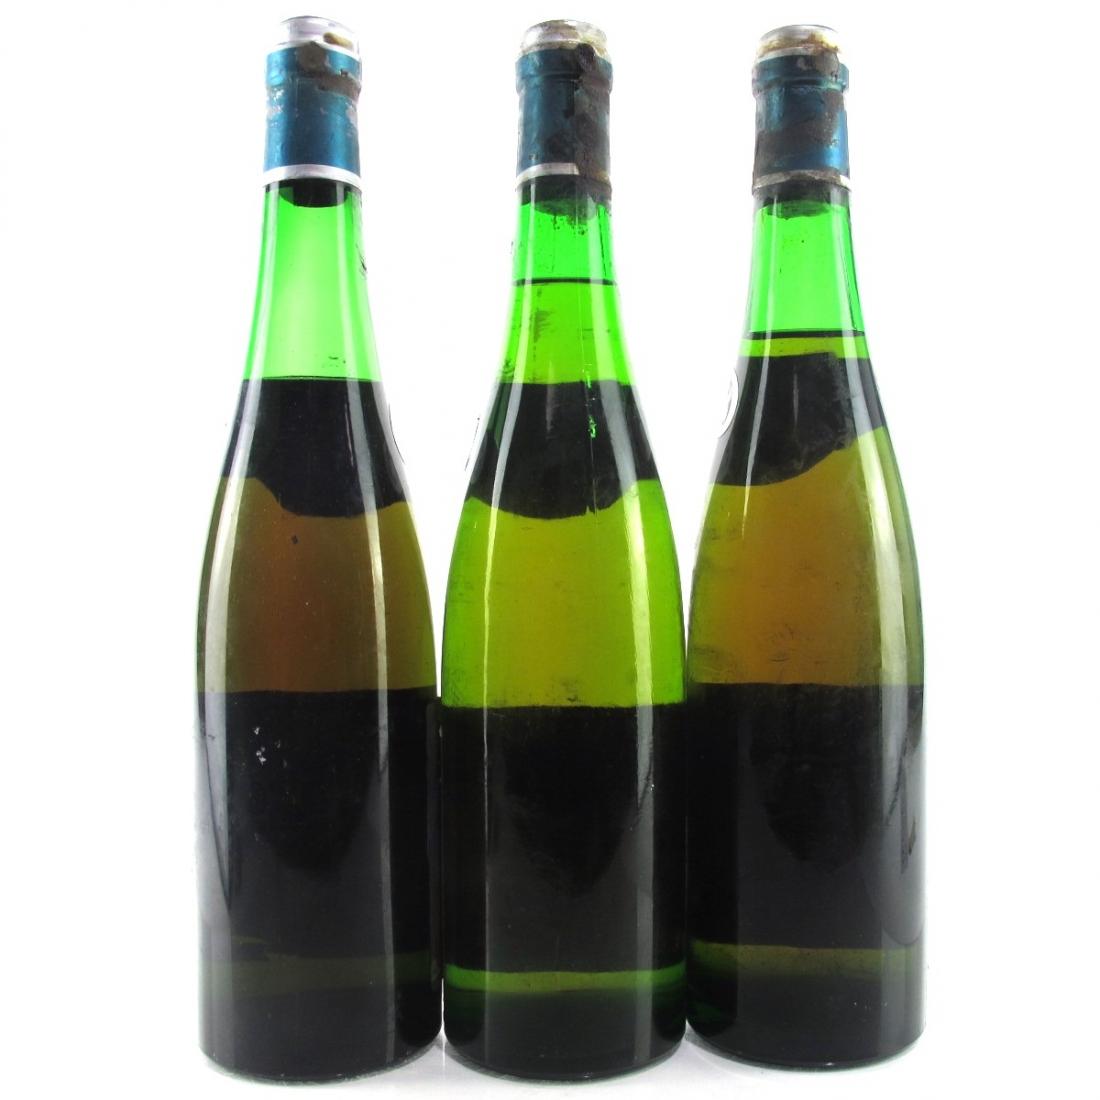 """F.Storck """"Trarbacher Schlossberg"""" Spatlese 1962 Mosel 3x Bottles"""